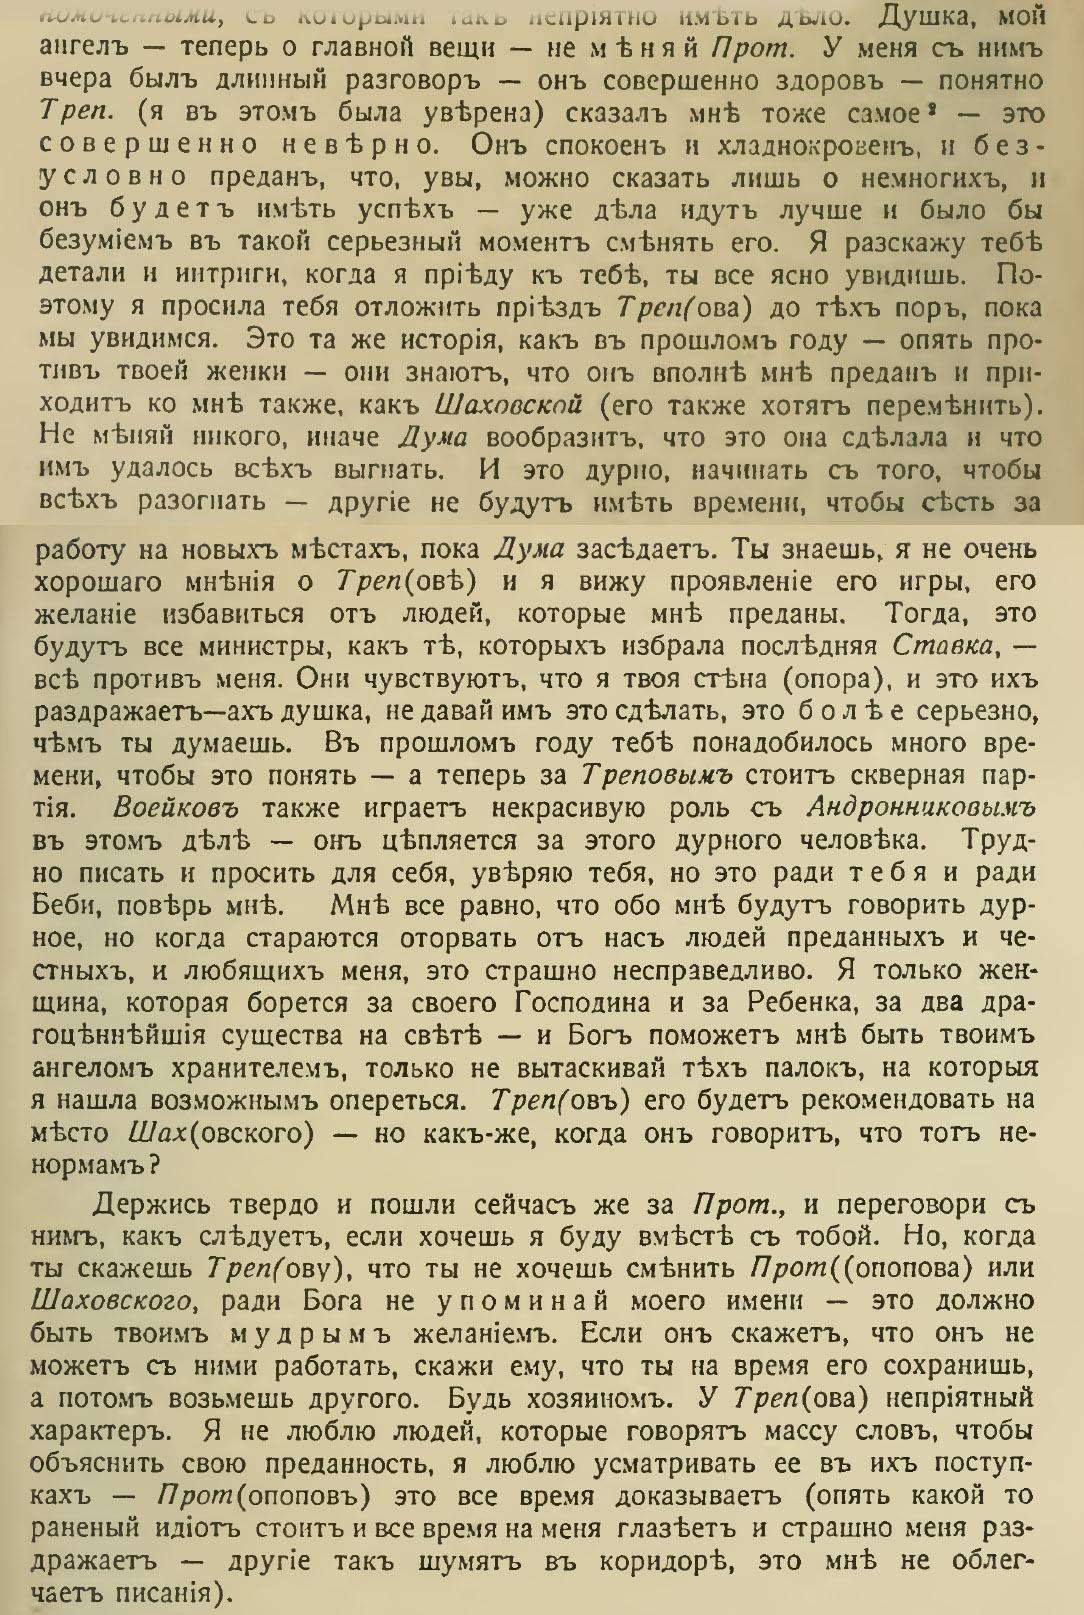 Письмо от 12 ноября 1916 года